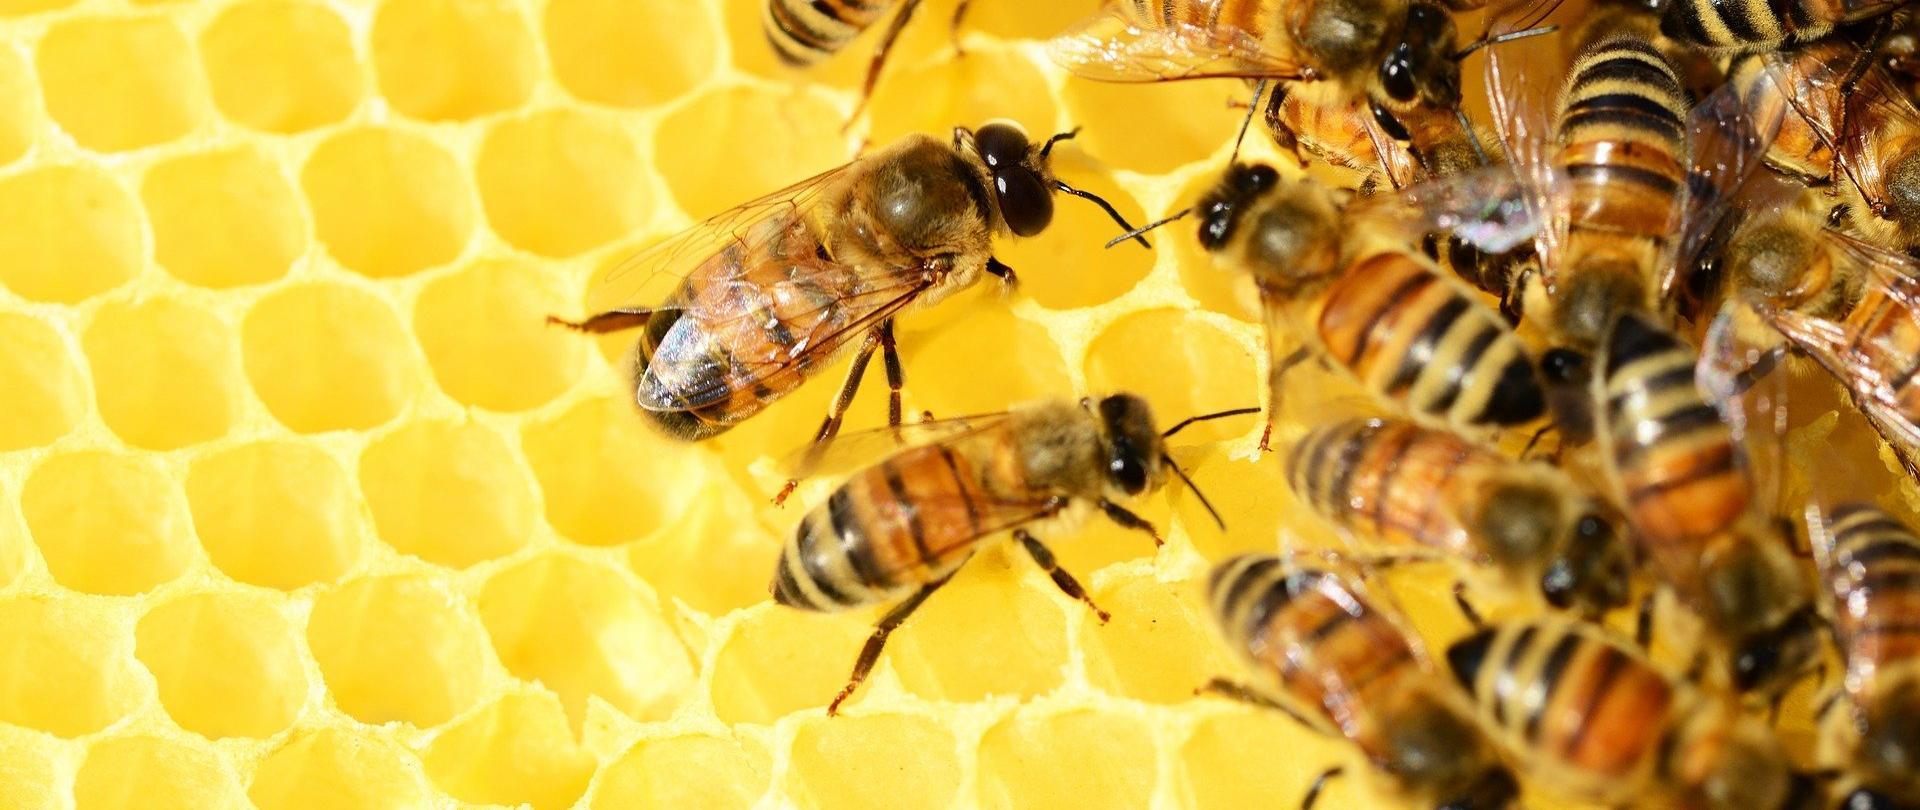 Na zdjęciu znajduje się plaster miodu, po którym chodzą pszczoły.